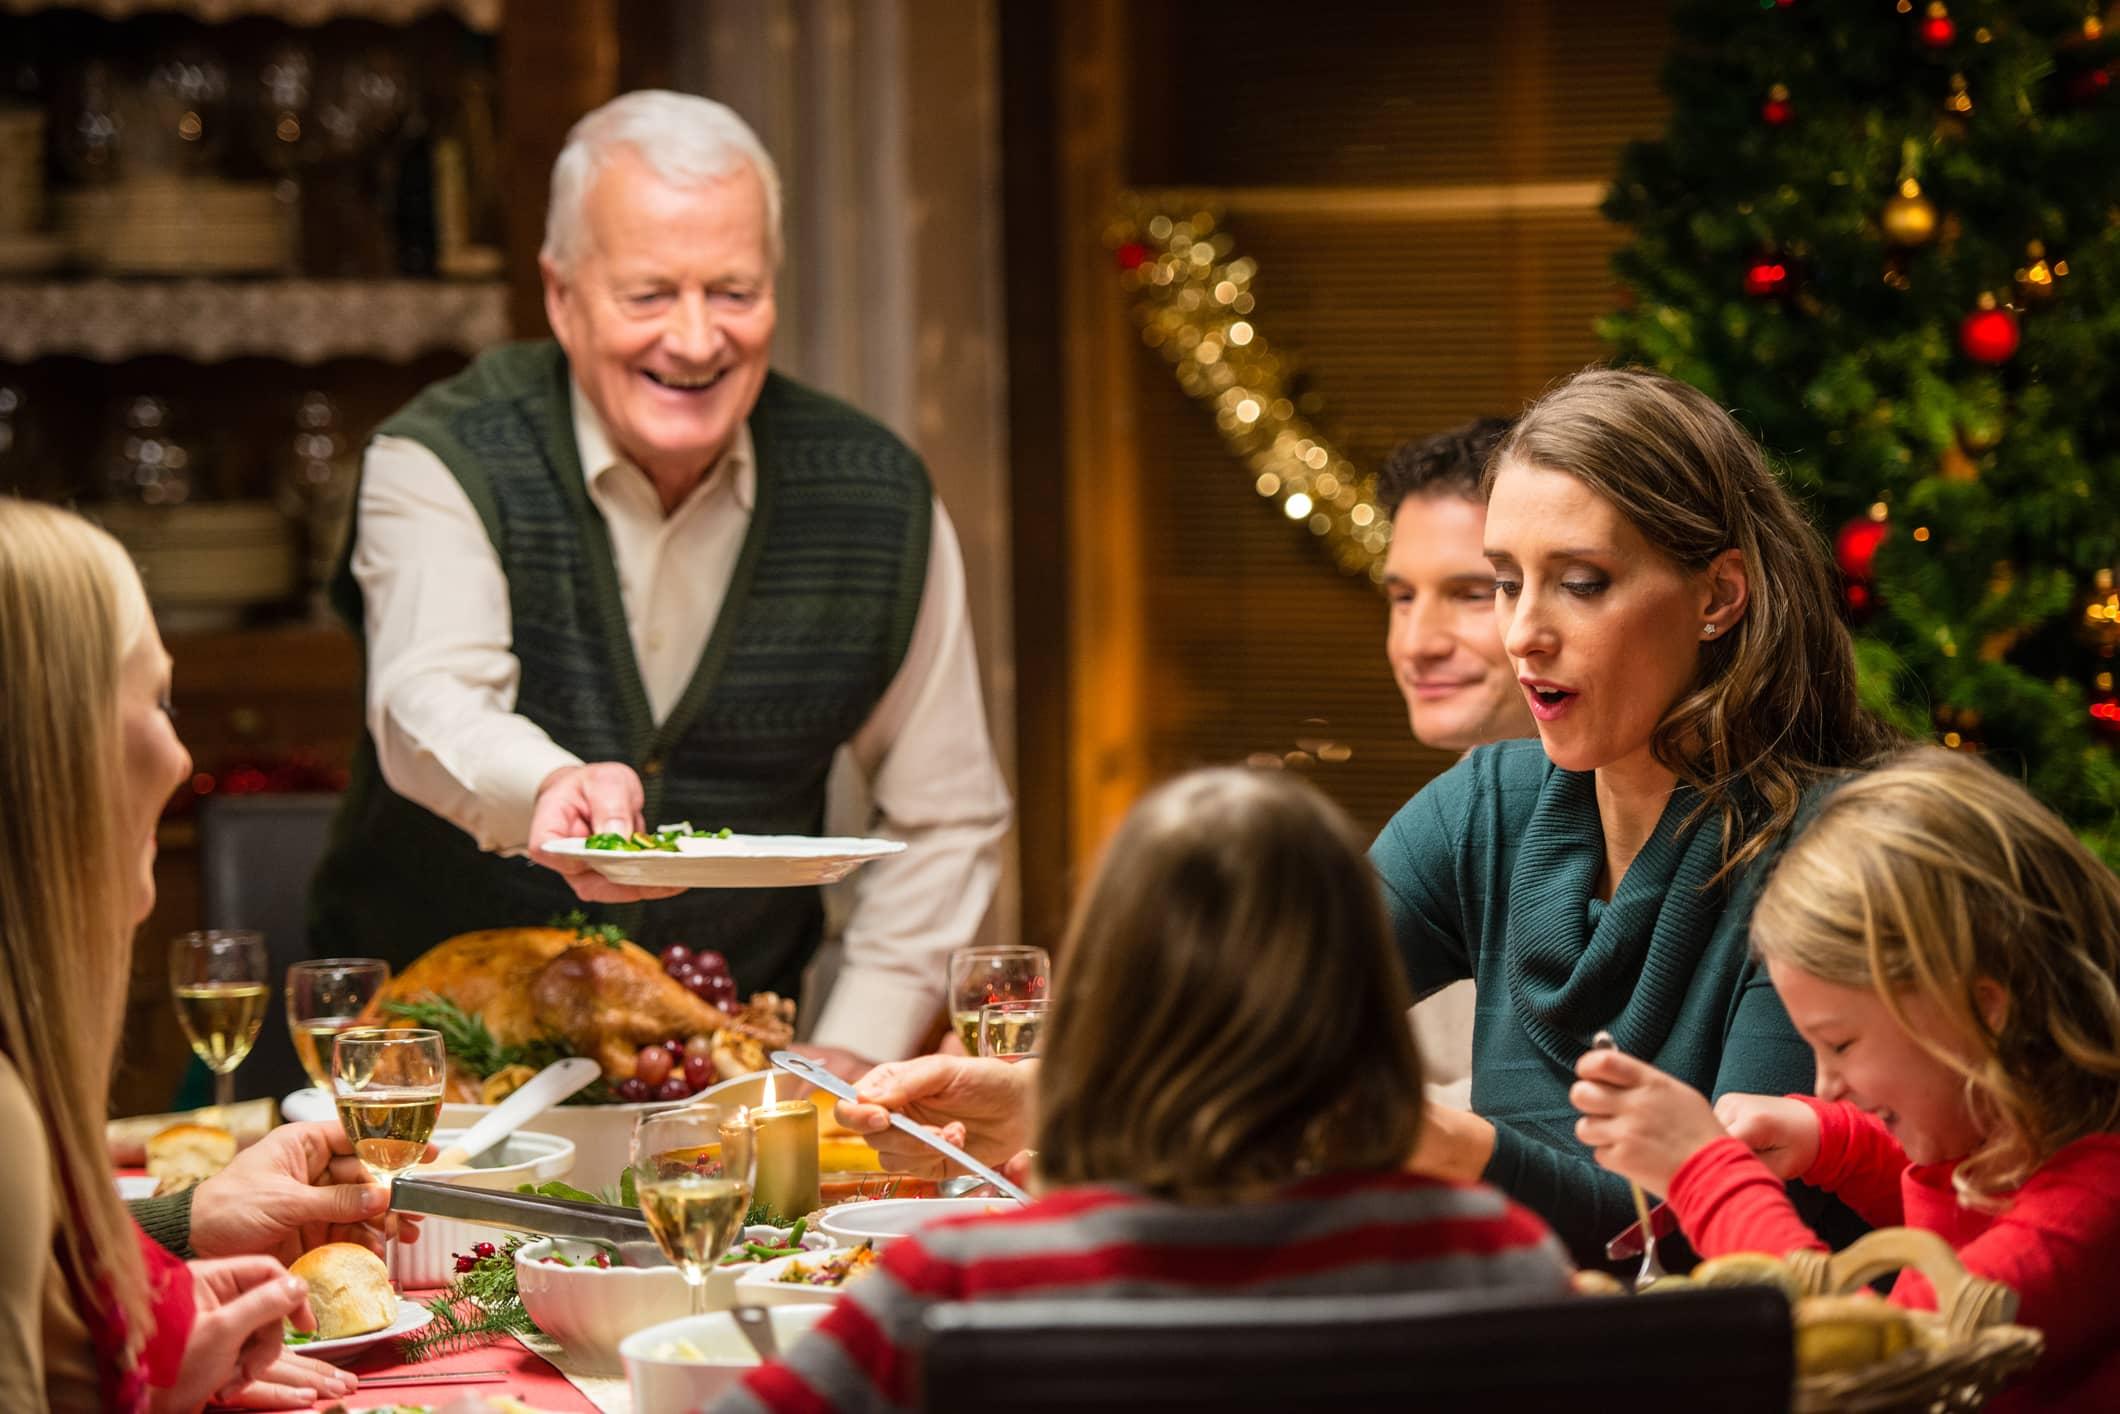 A blended family celebrating a Christmas dinner